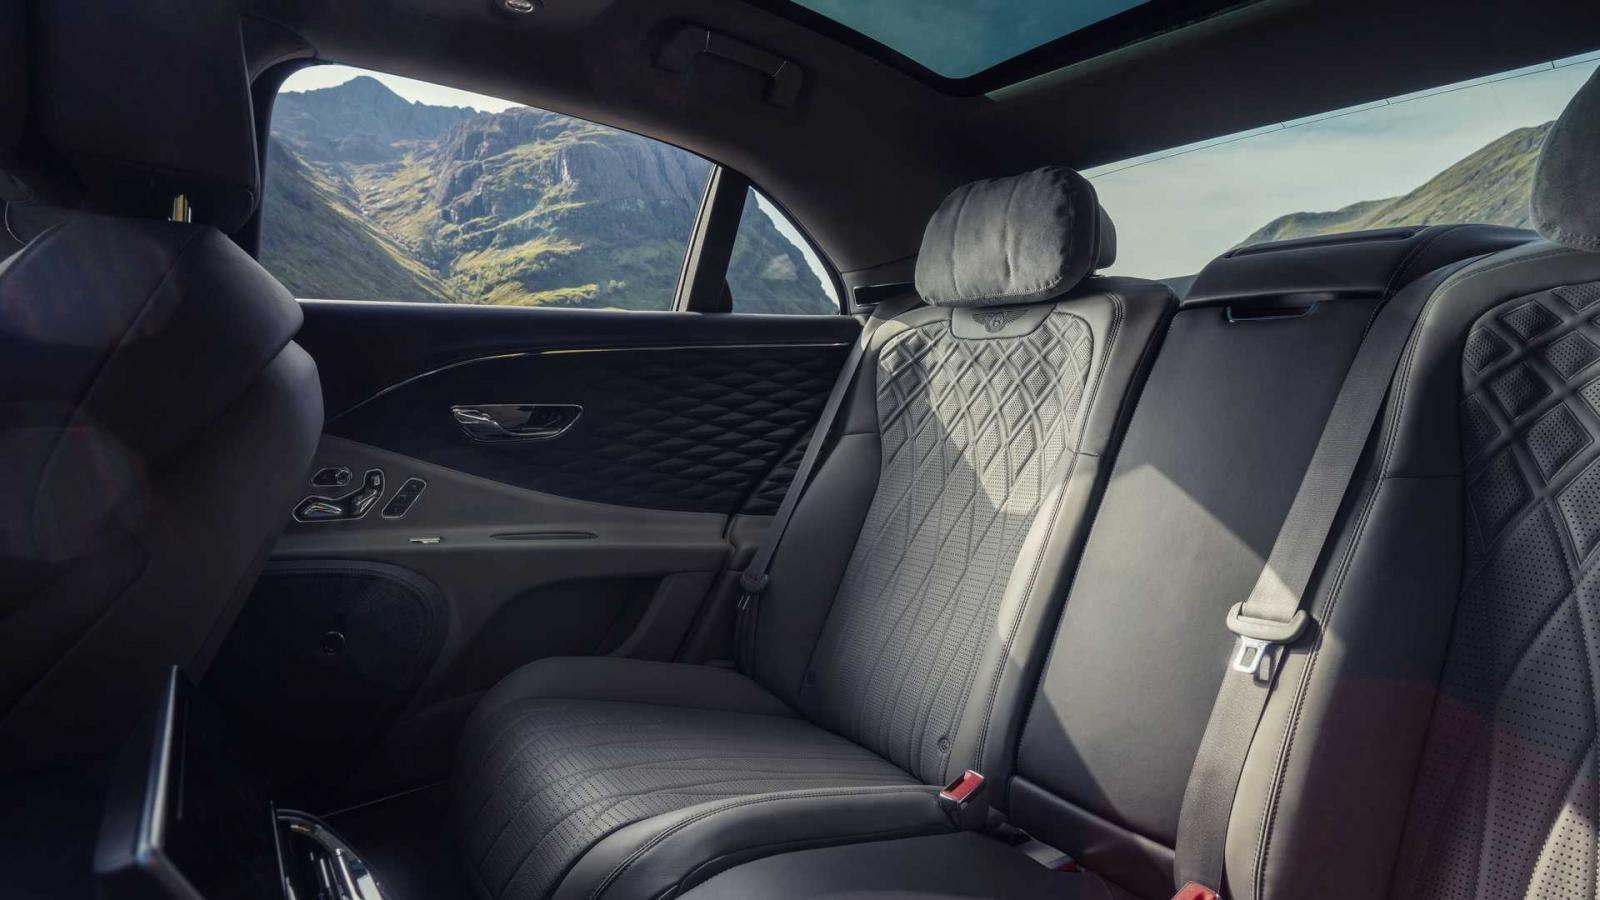 Bentley Flying Spur vẫn đảm bảo trải nghiệm người ngồi sau đầy thỏa mãn.